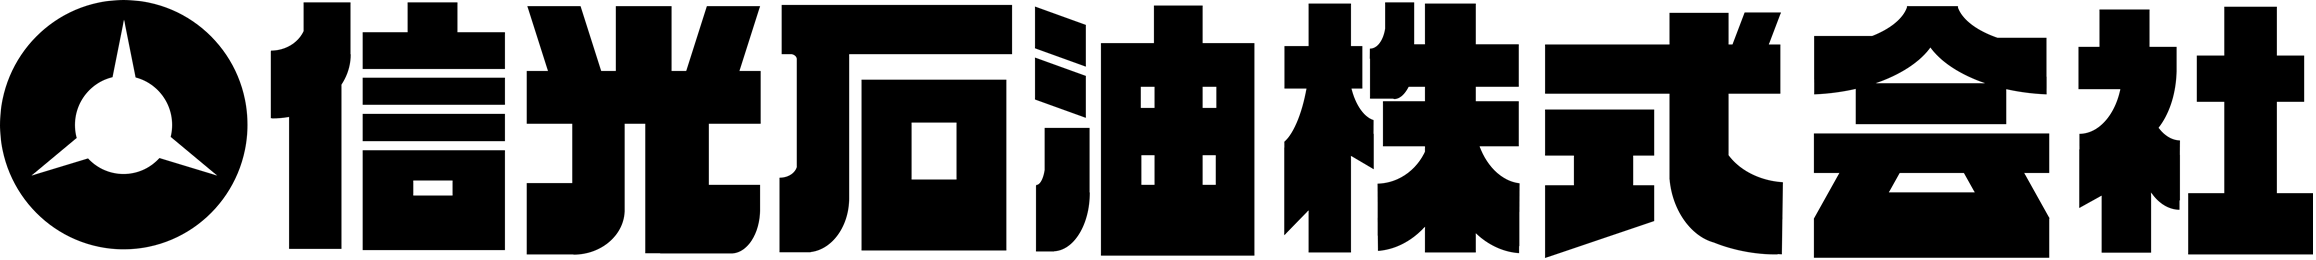 信光石油株式会社